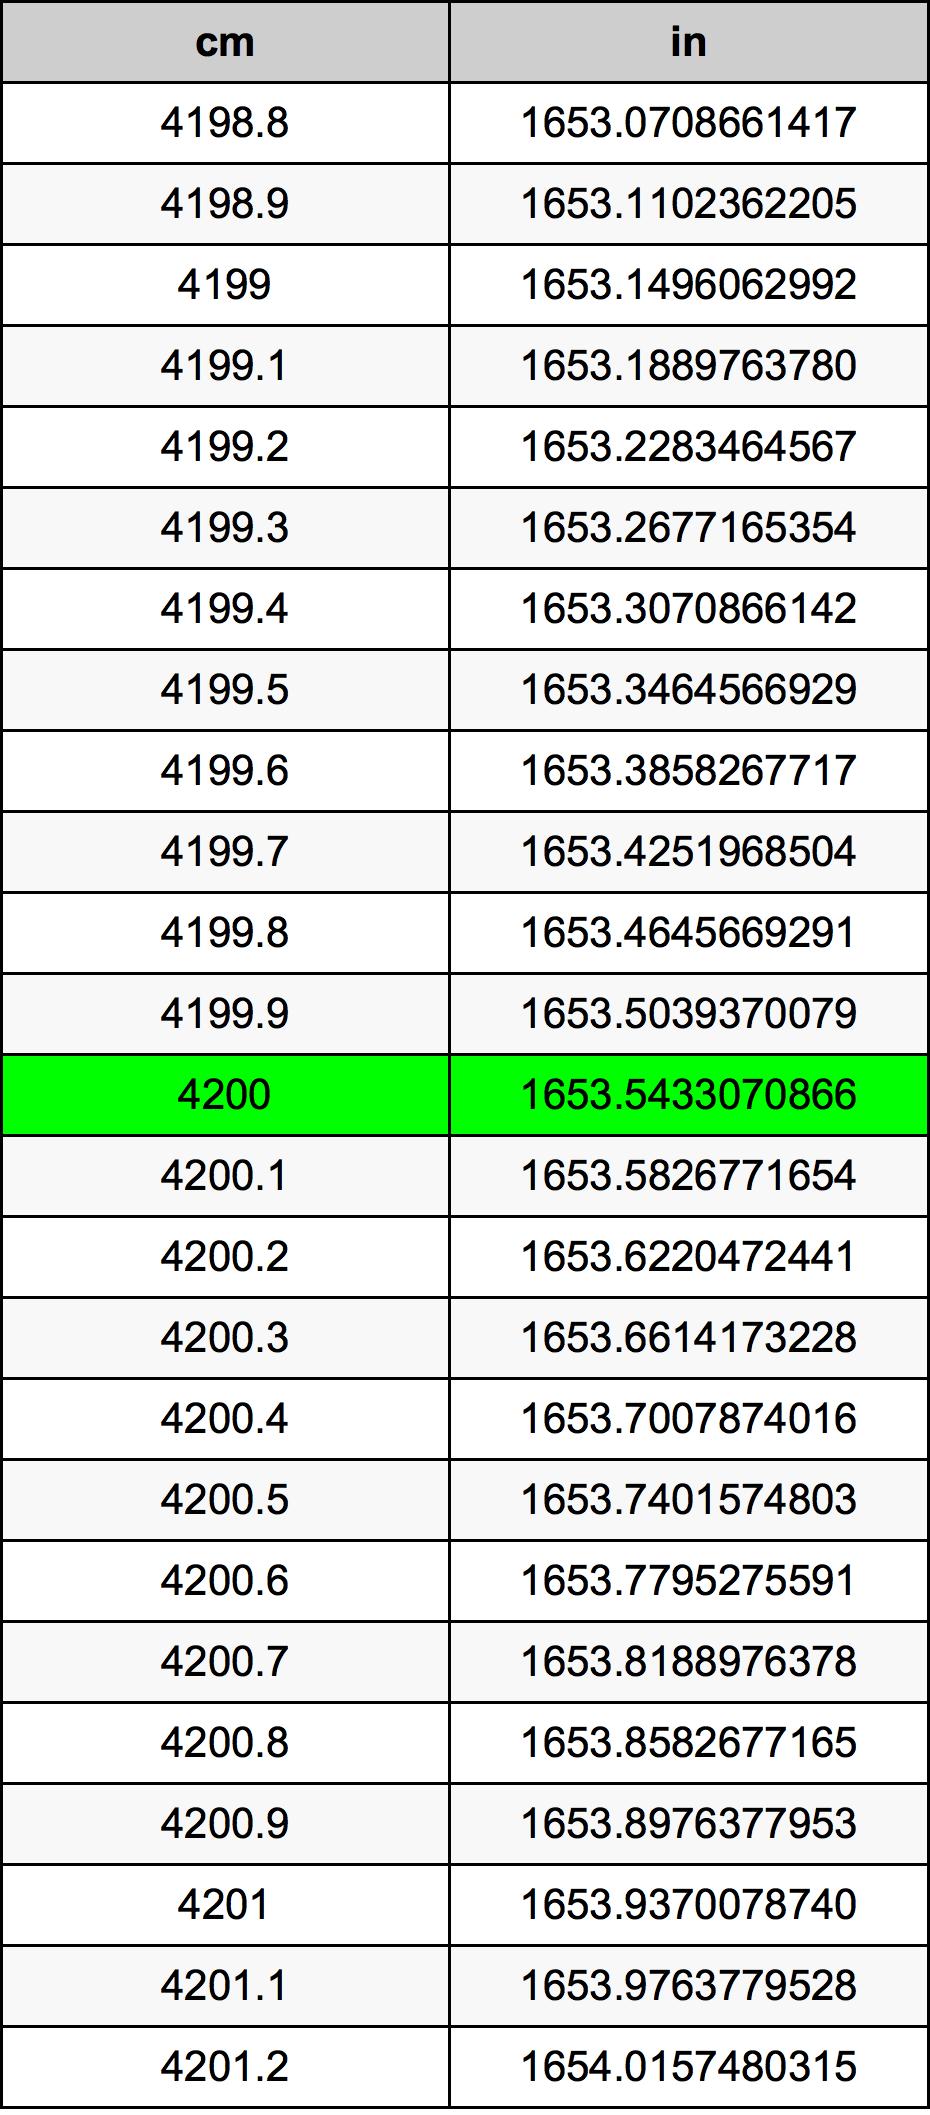 4200 Zentimeter Umrechnungstabelle